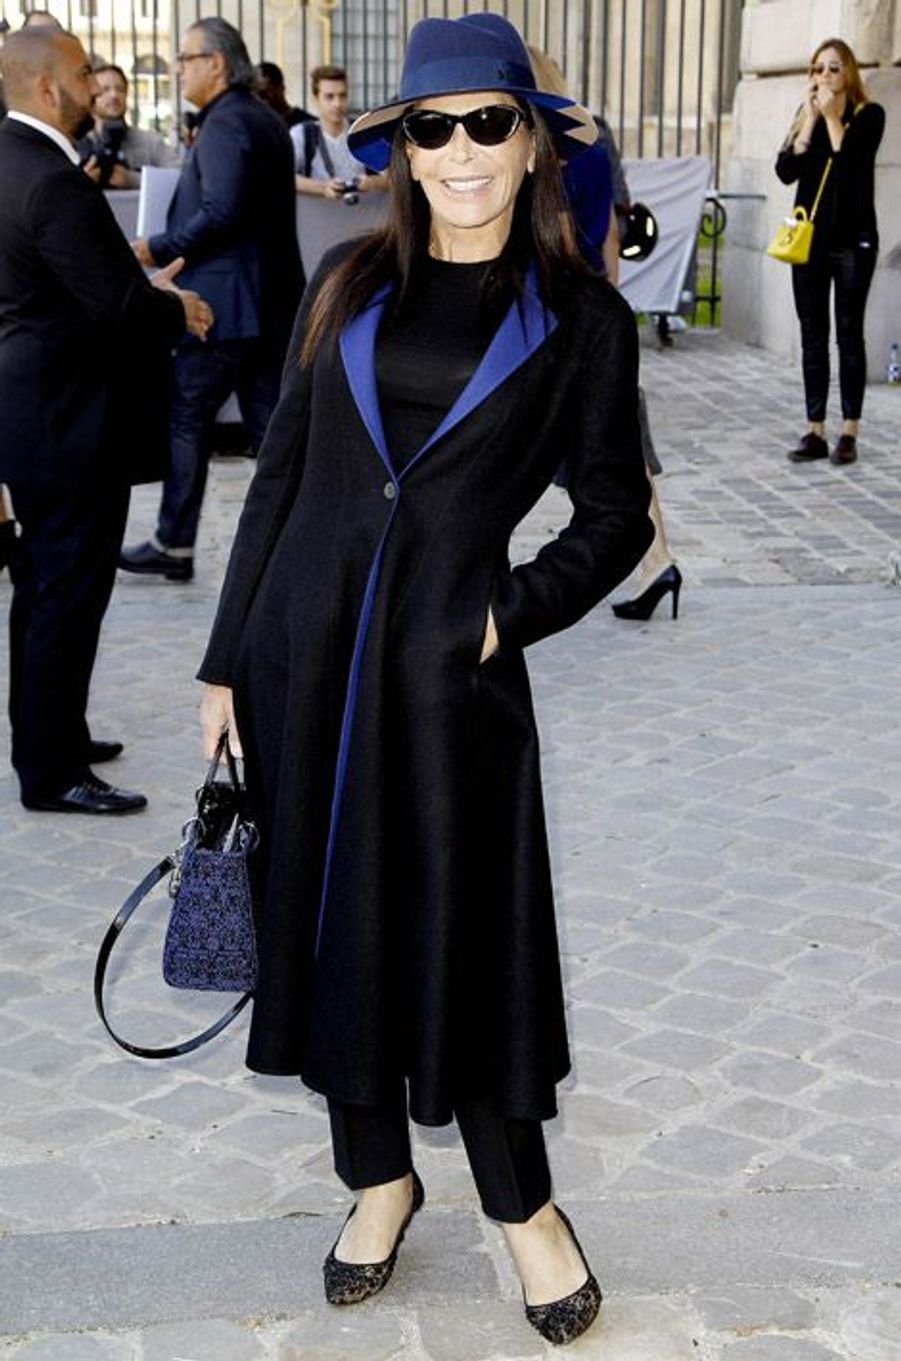 La femme d'affaires Mouna Ayoub assiste au défilé Christian Dior au Carré du Louvre, à Paris, le 26 septembre 2014